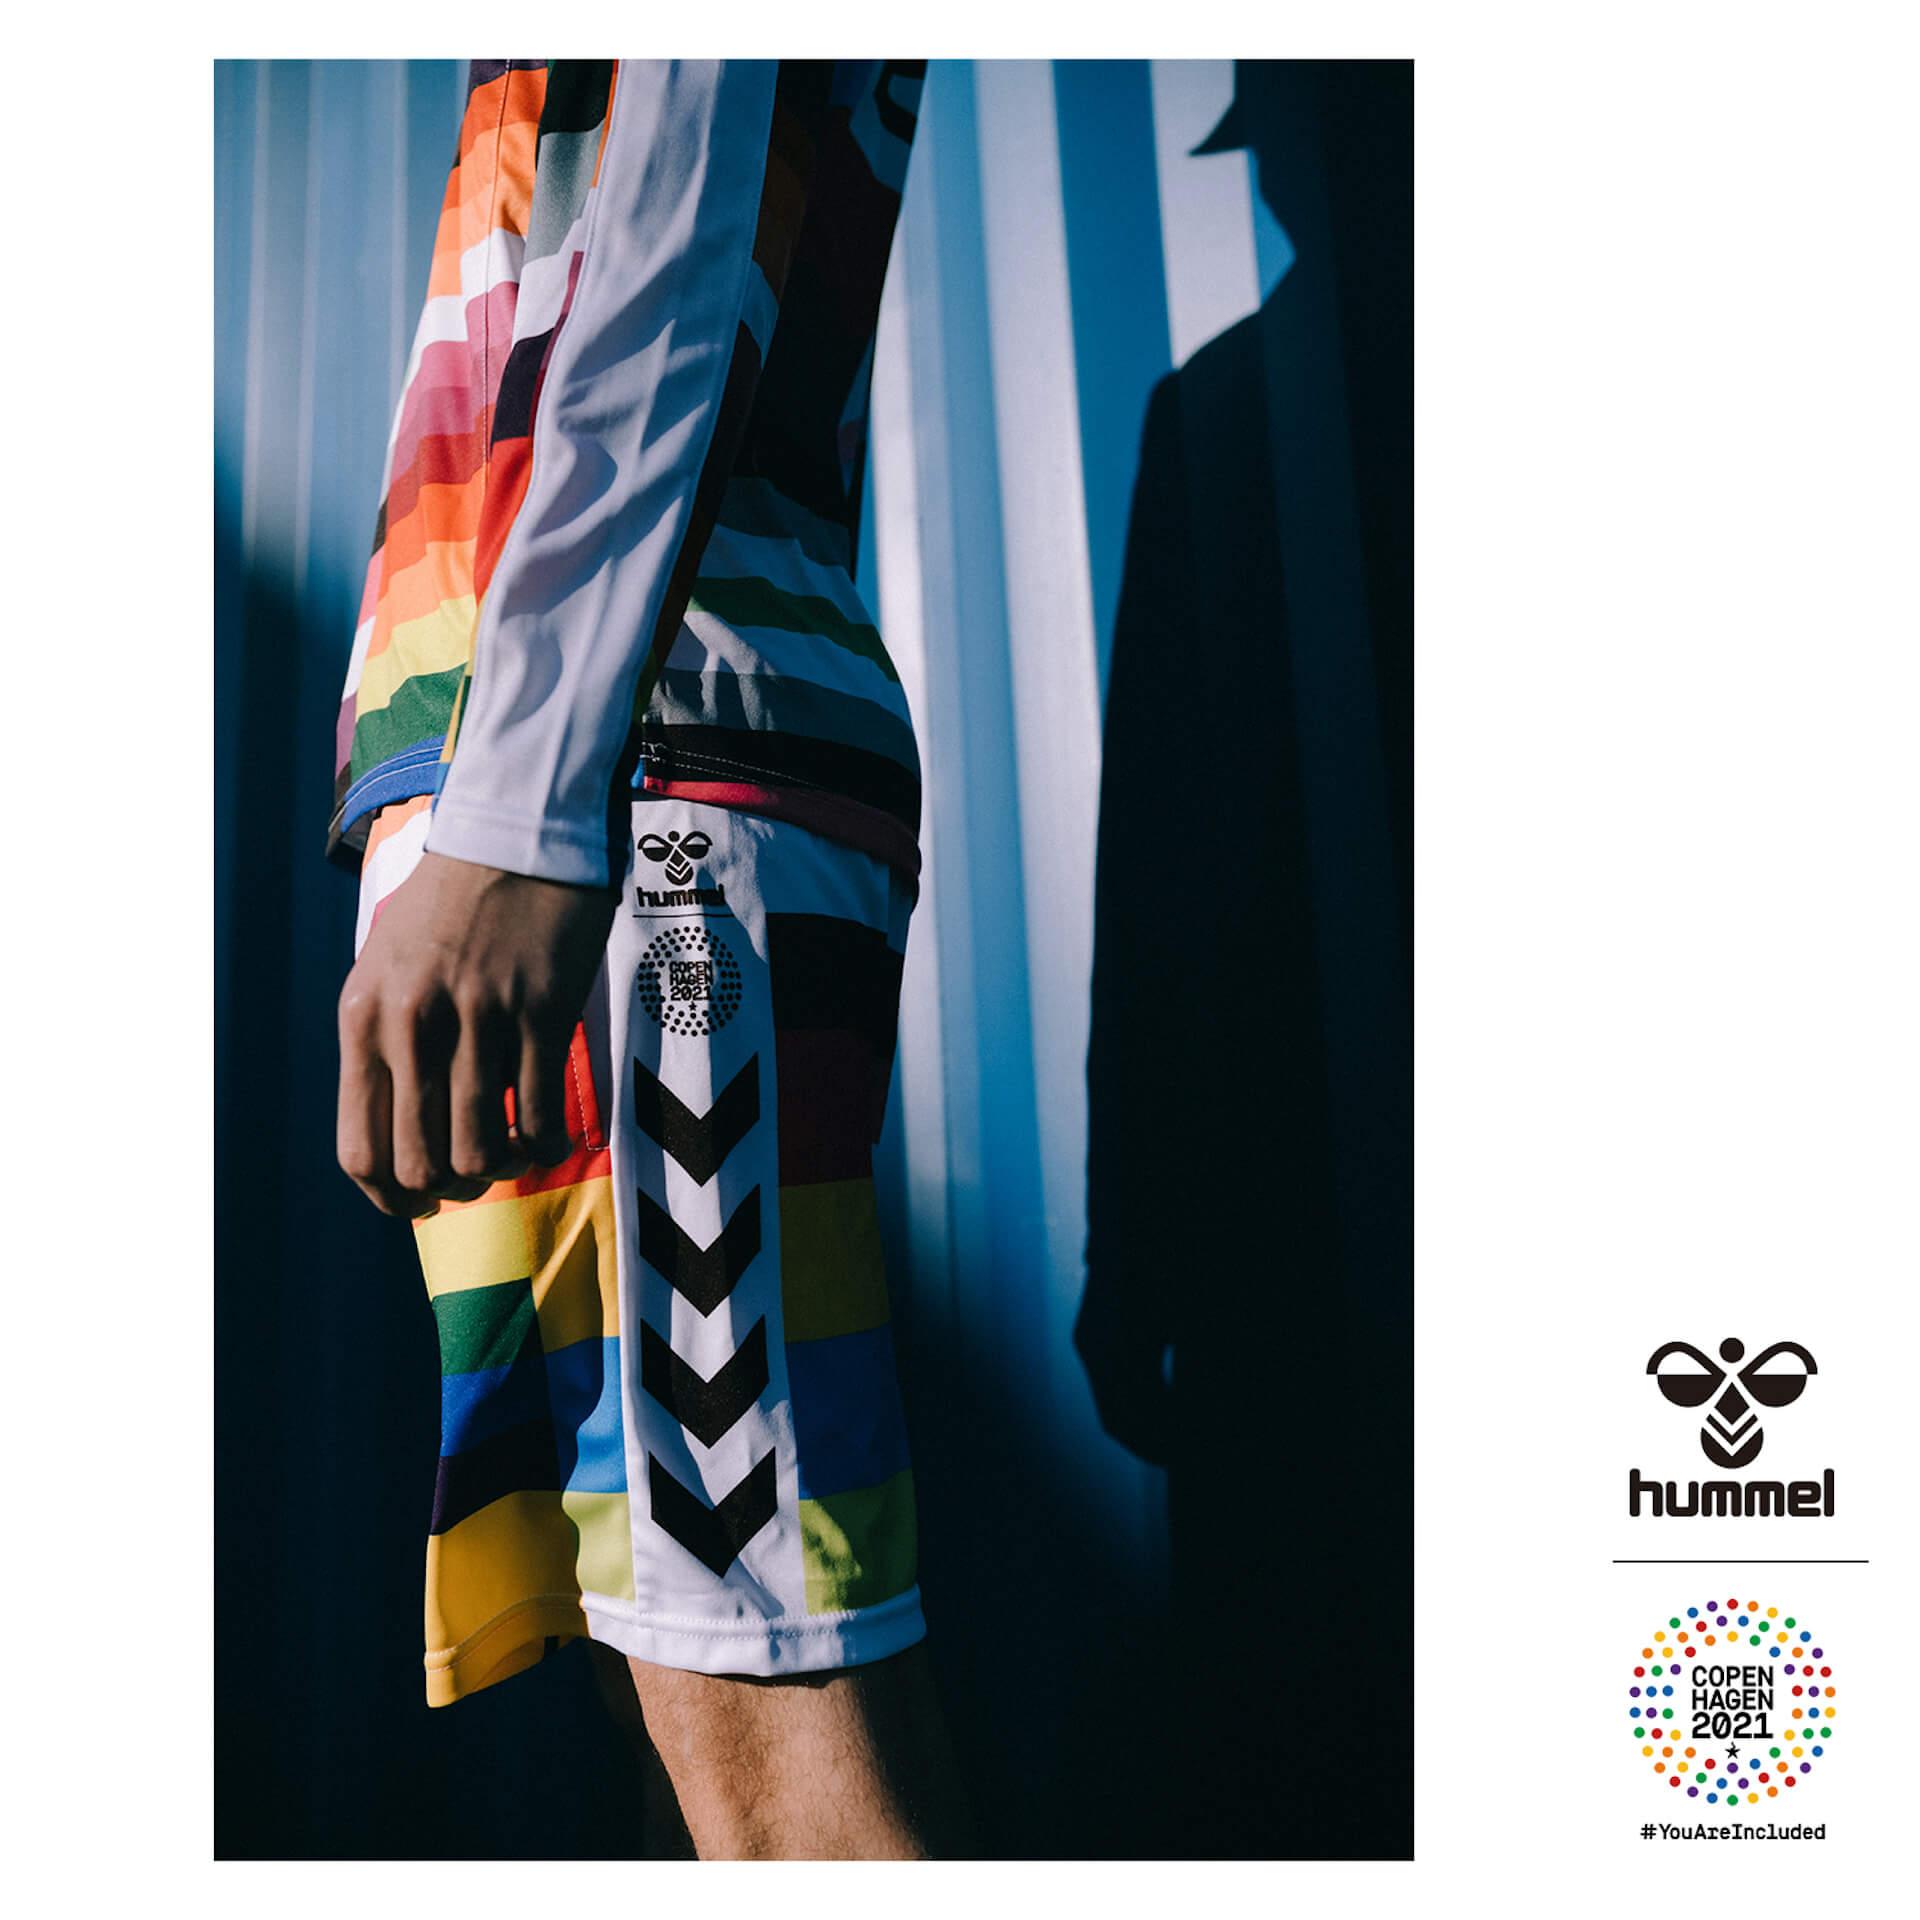 多様性を祝福する「ヒュンメル×コペンハーゲン 2021」コラボグッズが限定発売! Fashion_210706_hummel17